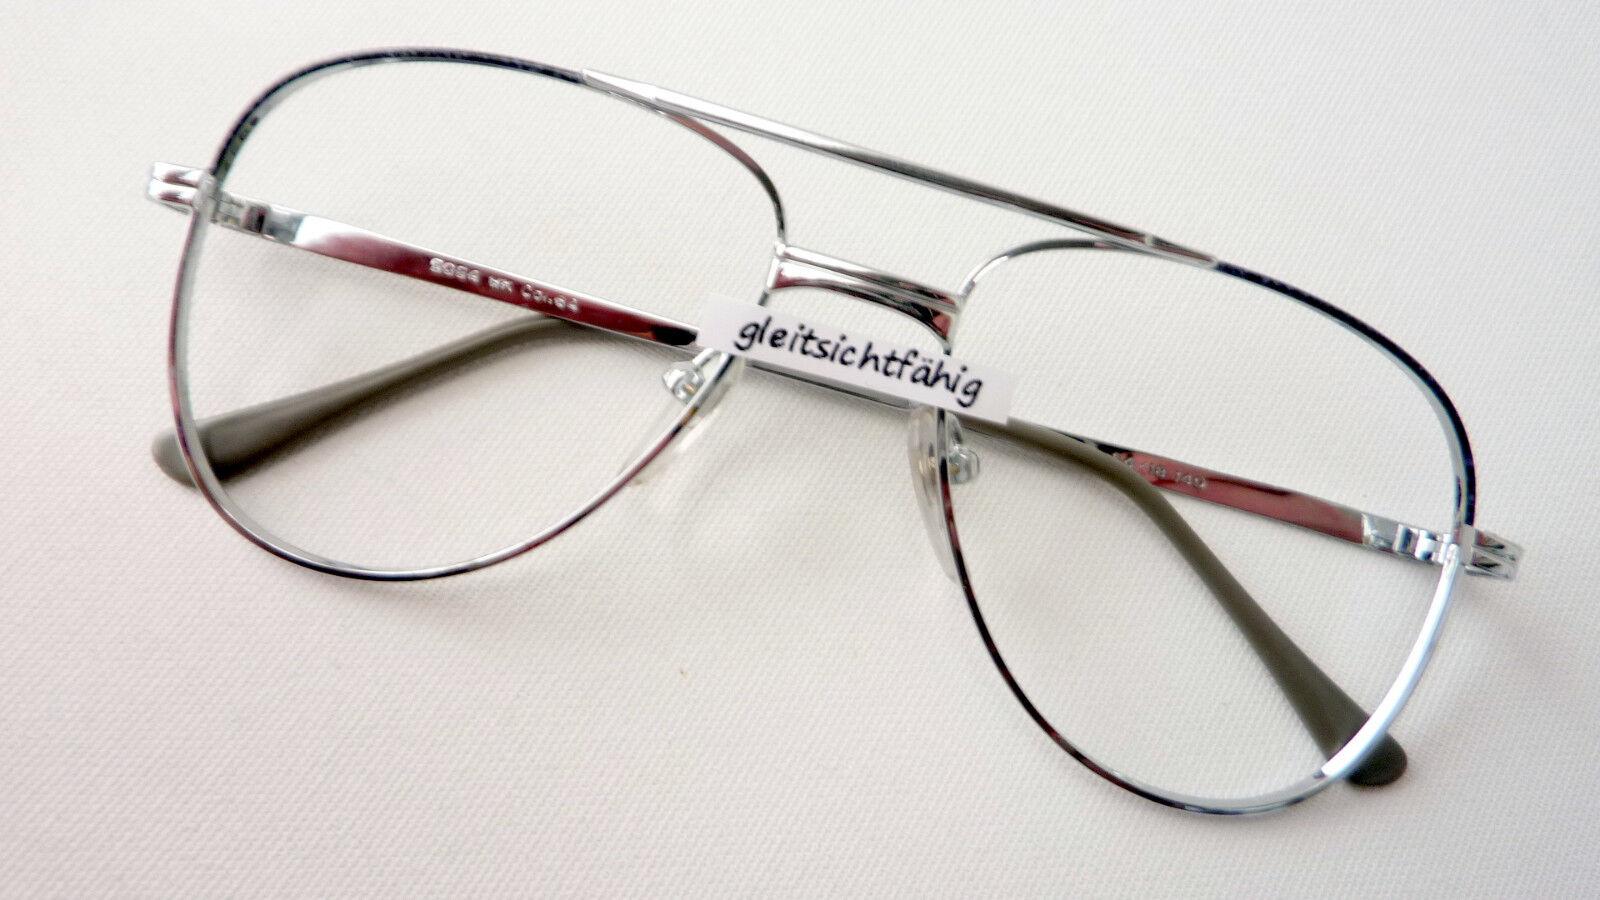 Brille Metall Gestell große Gläser Pilot Form Herren occhiali günstig Grösse L